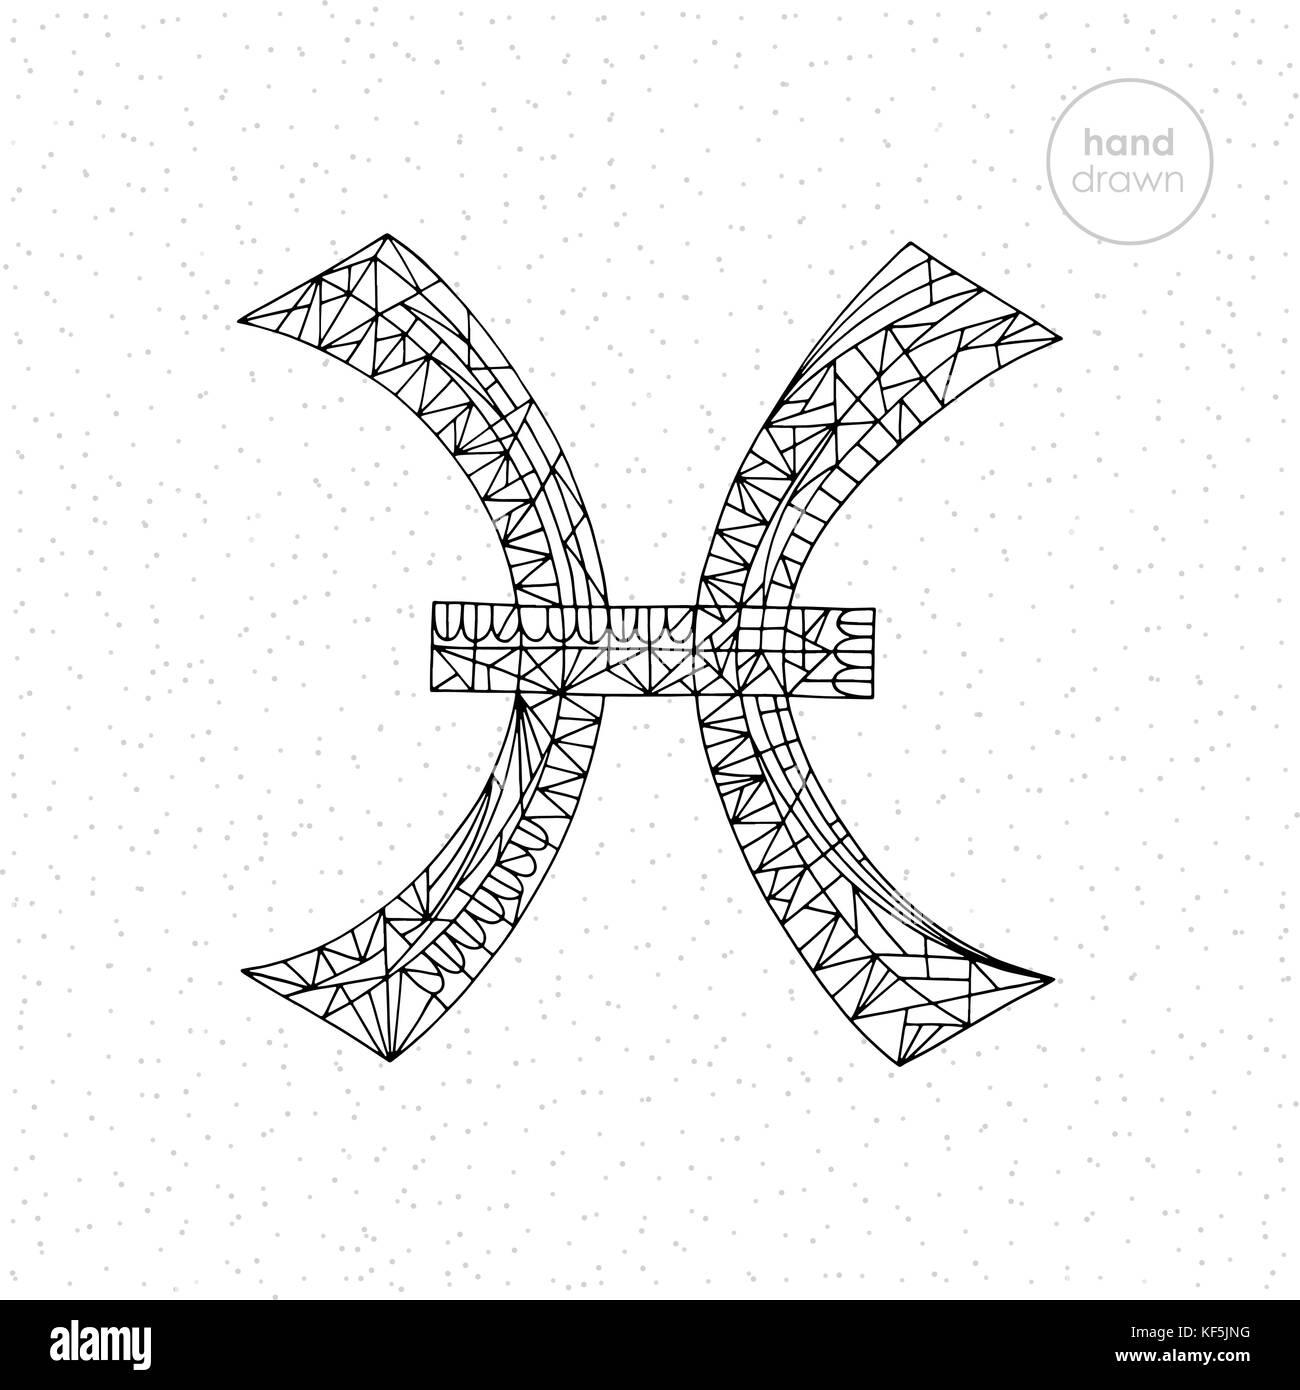 Fische Sternzeichen Sammlung. Vektor Hand gezeichnet Horoskop Serie ...